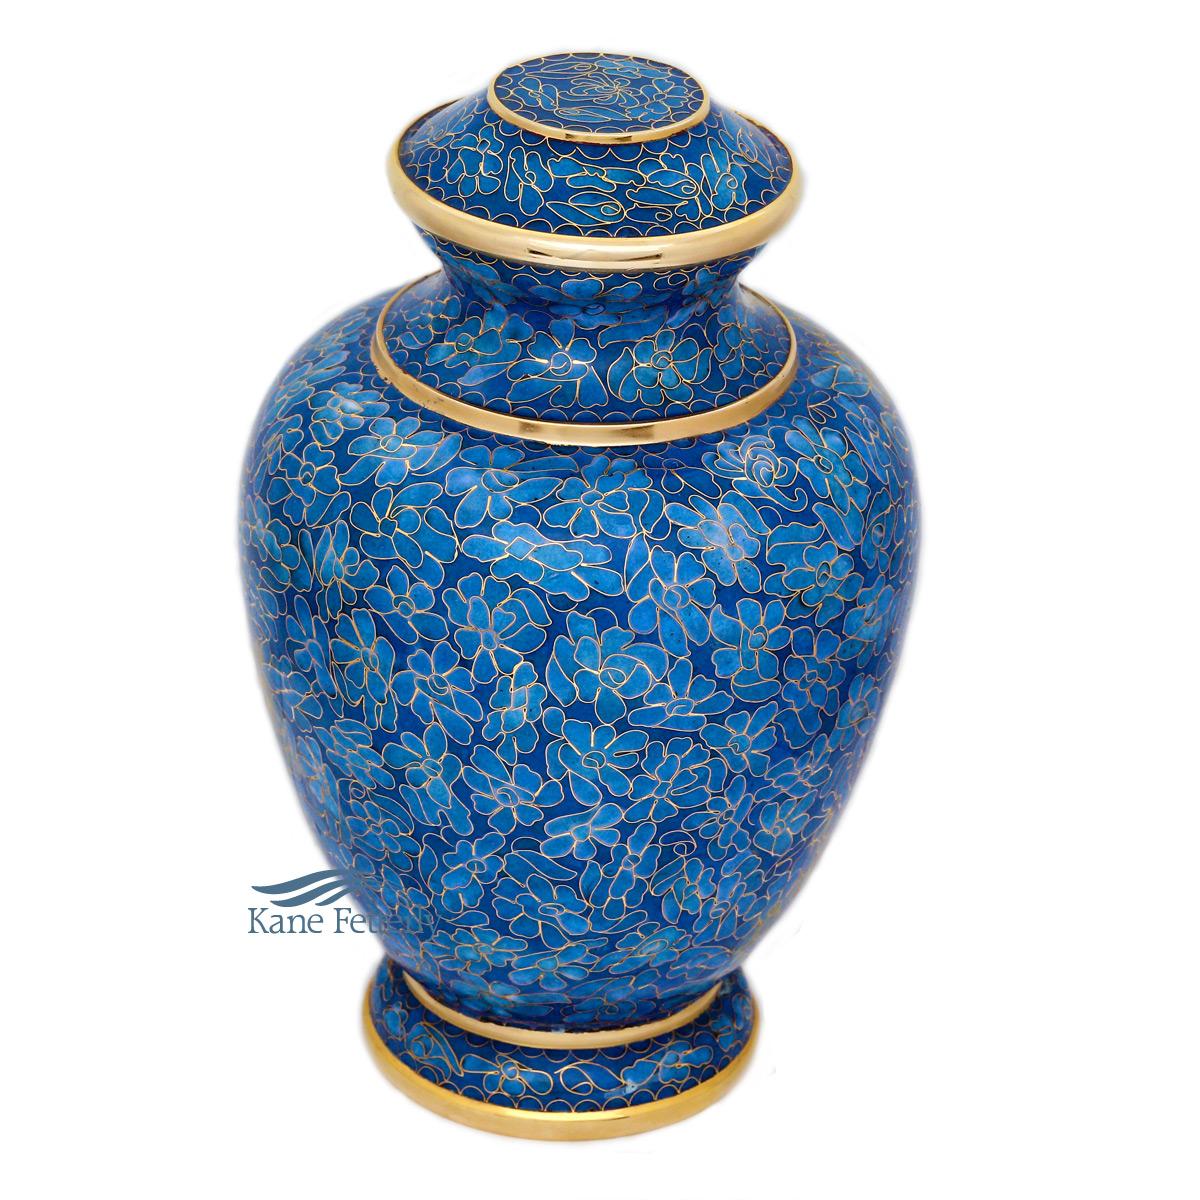 U8584 Cloisonn� urn